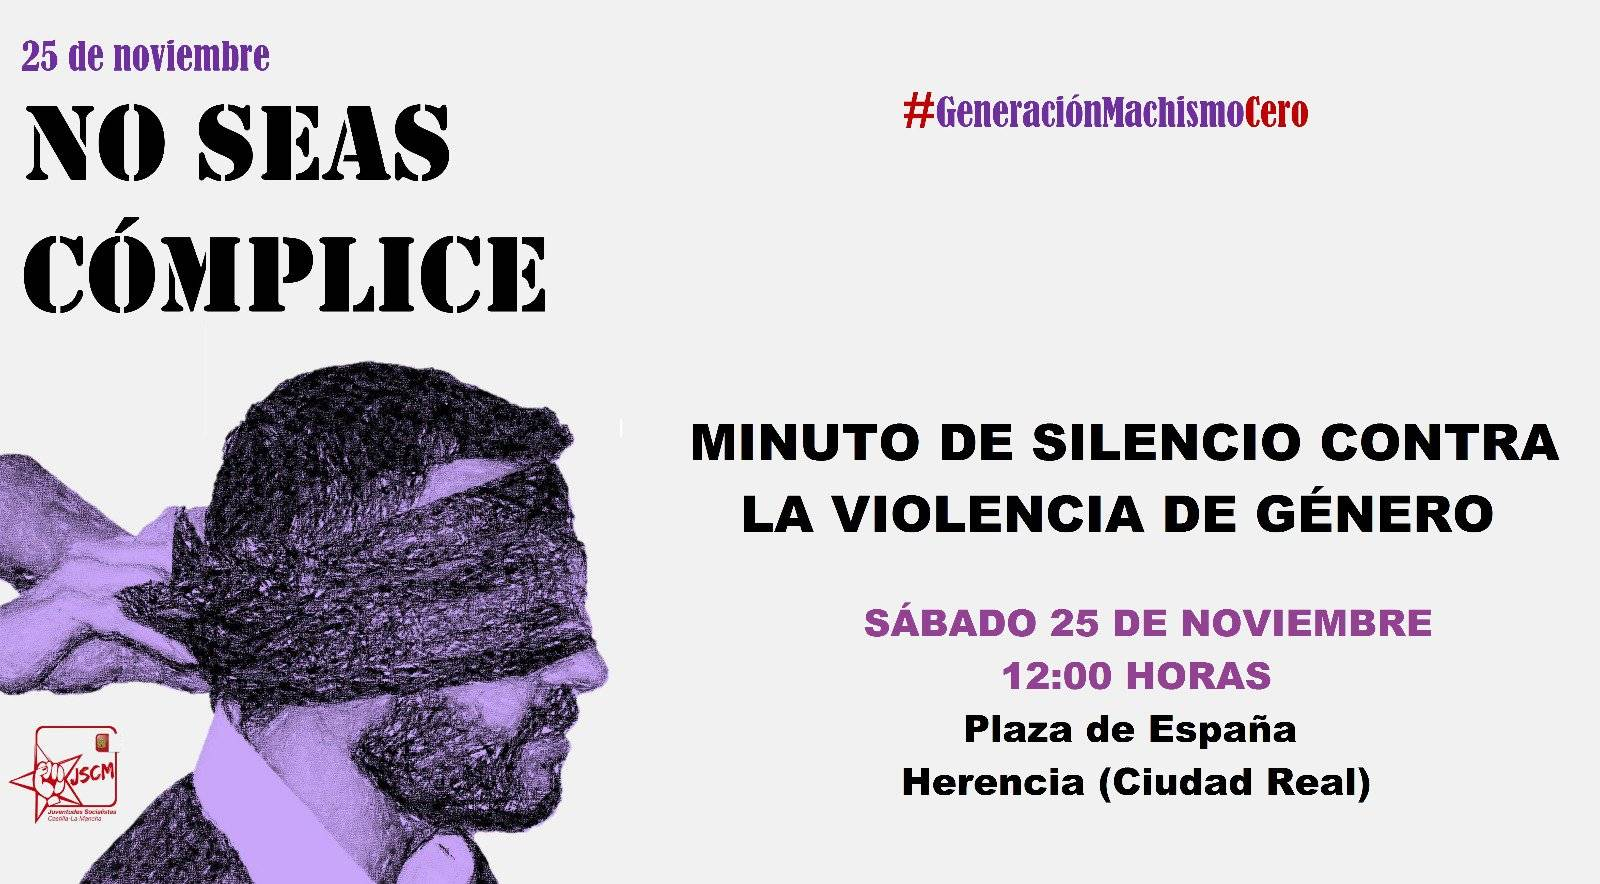 Minuto de silencio contra la violencia de género en Herencia 6